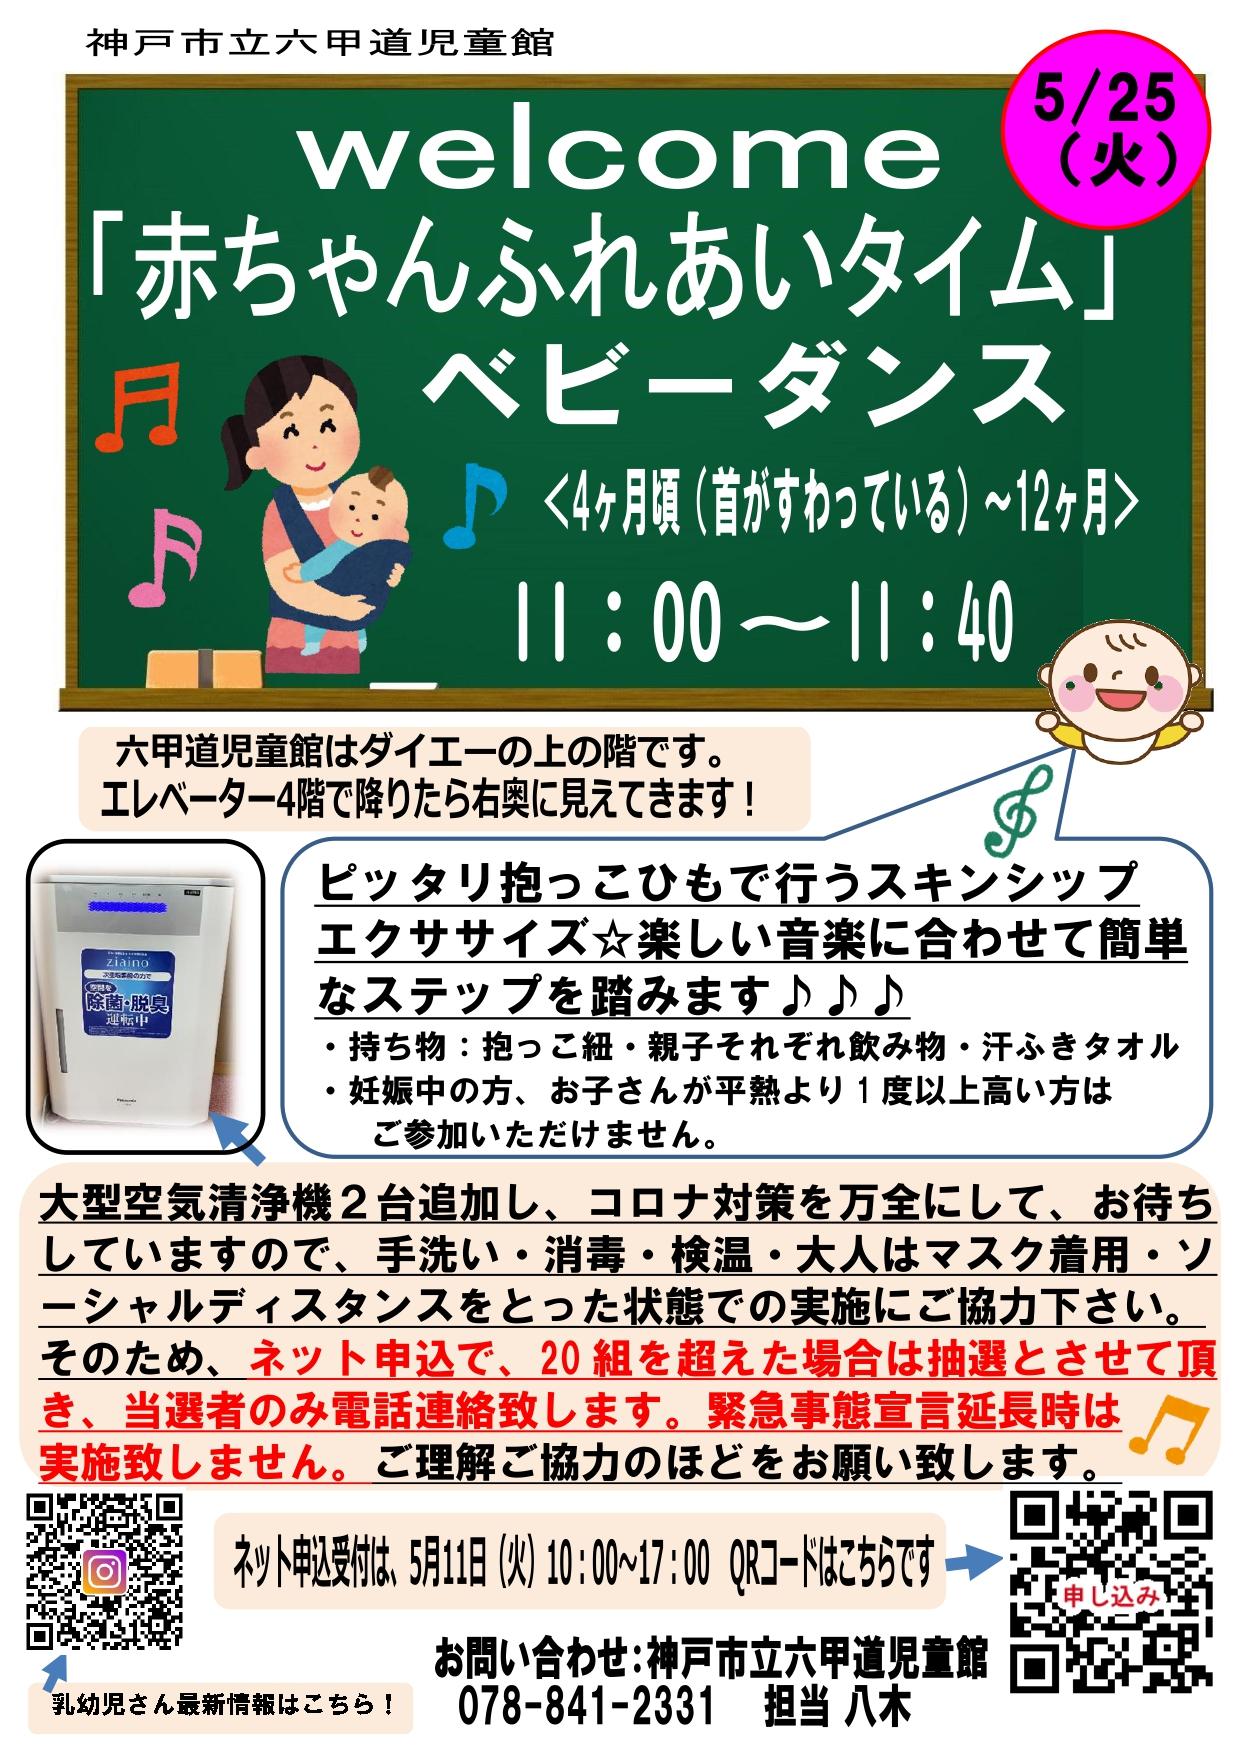 六甲道児童館 今年度乳幼児事業 のお知らせ